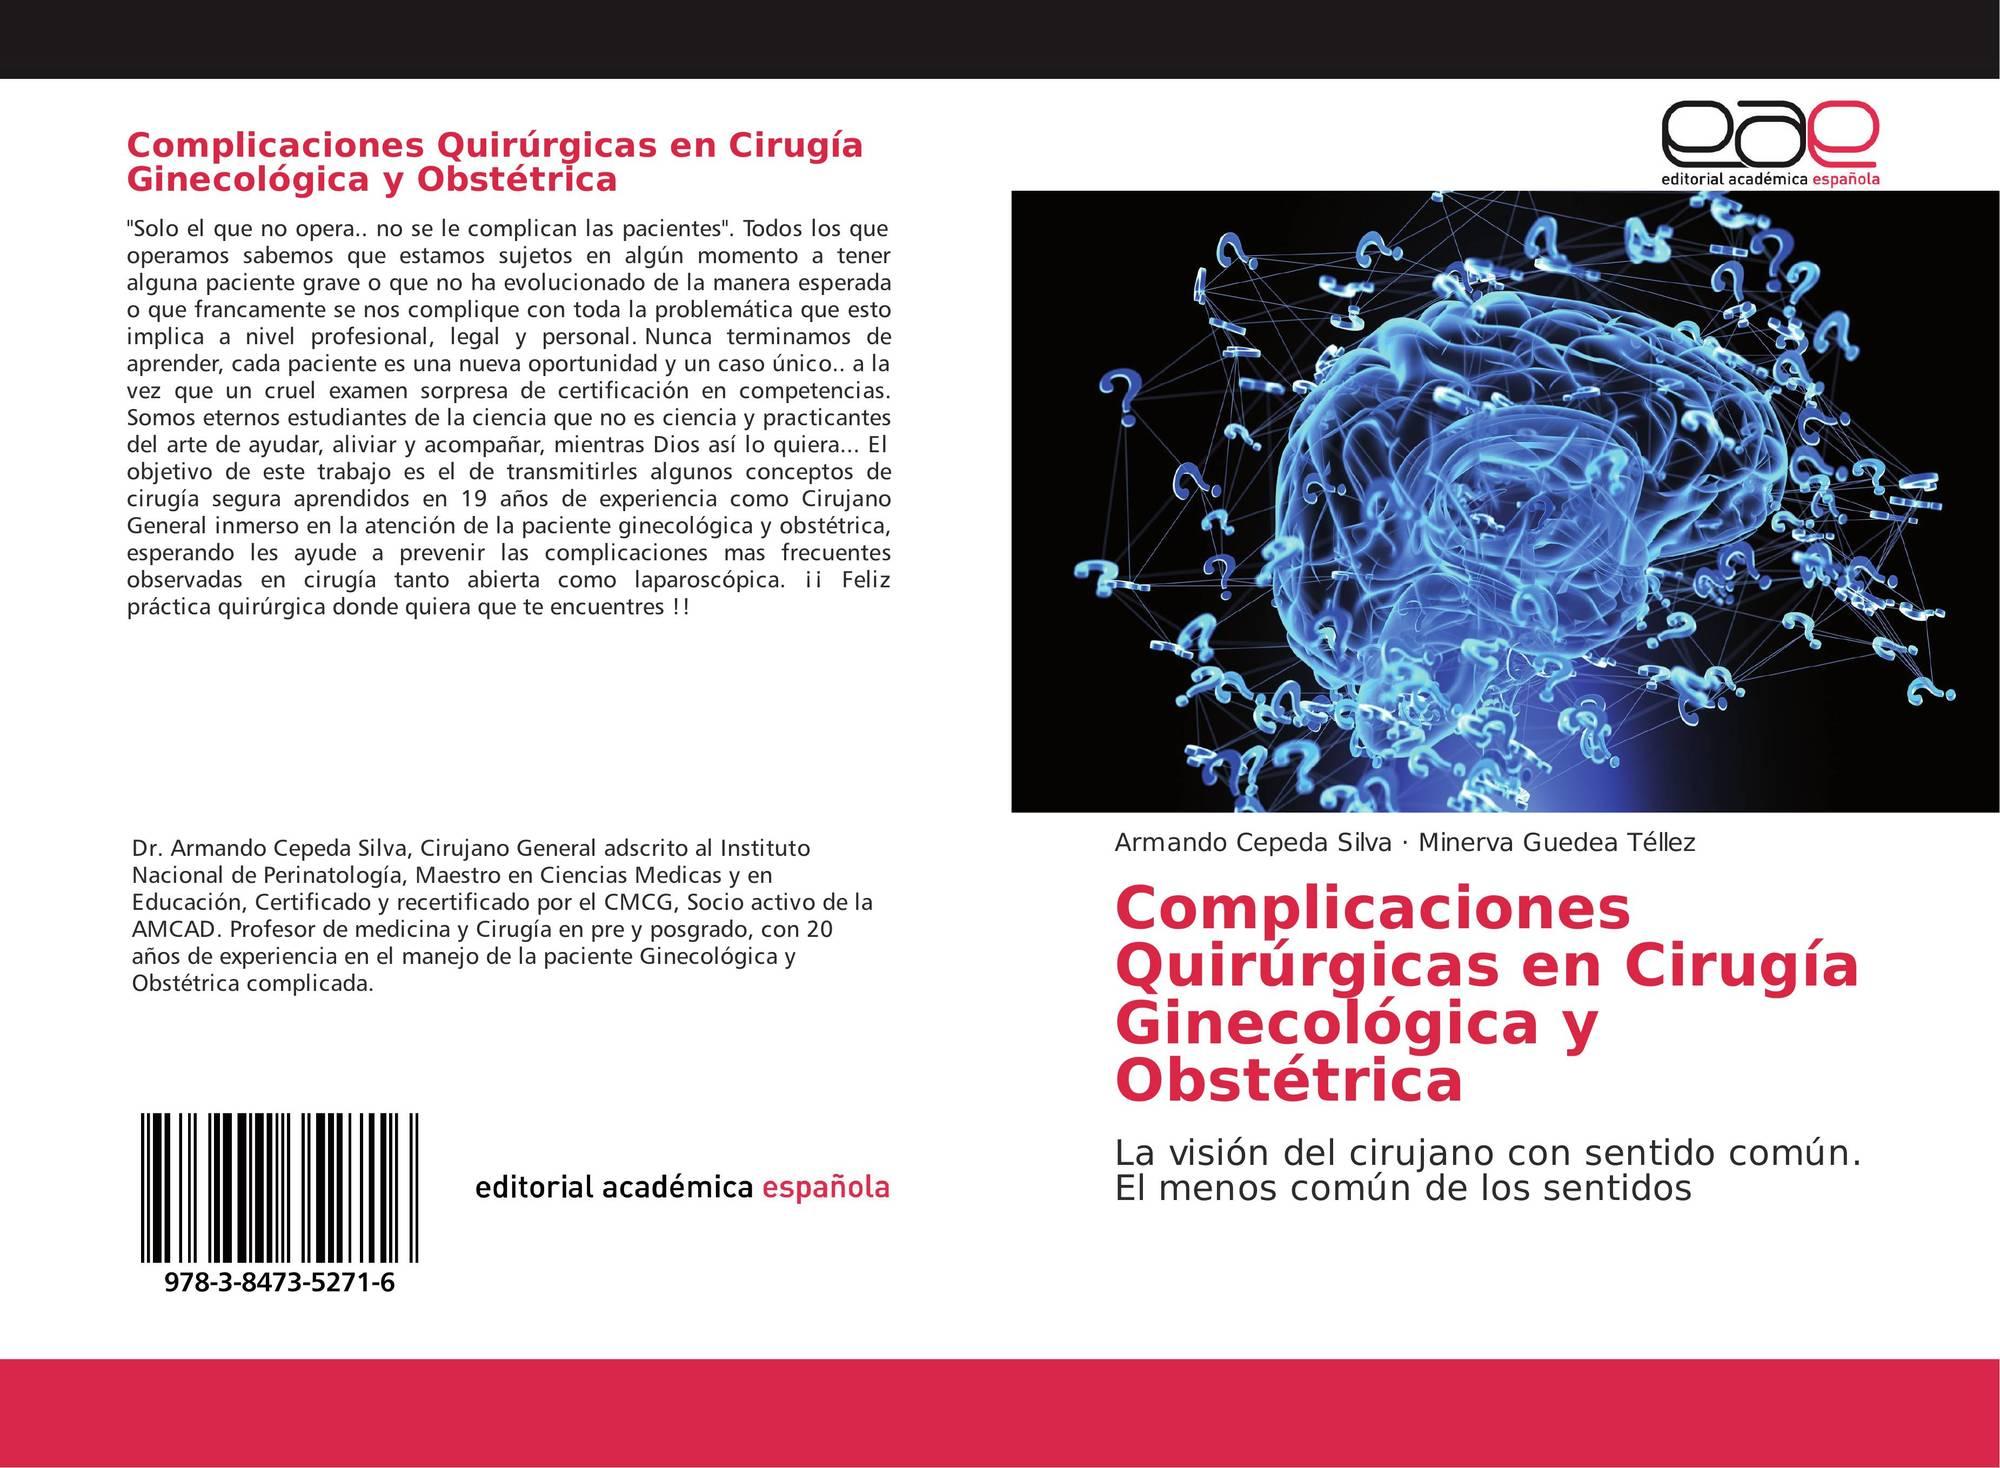 Complicaciones Quirúrgicas en Cirugía Ginecológica y Obstétrica, 978 ...